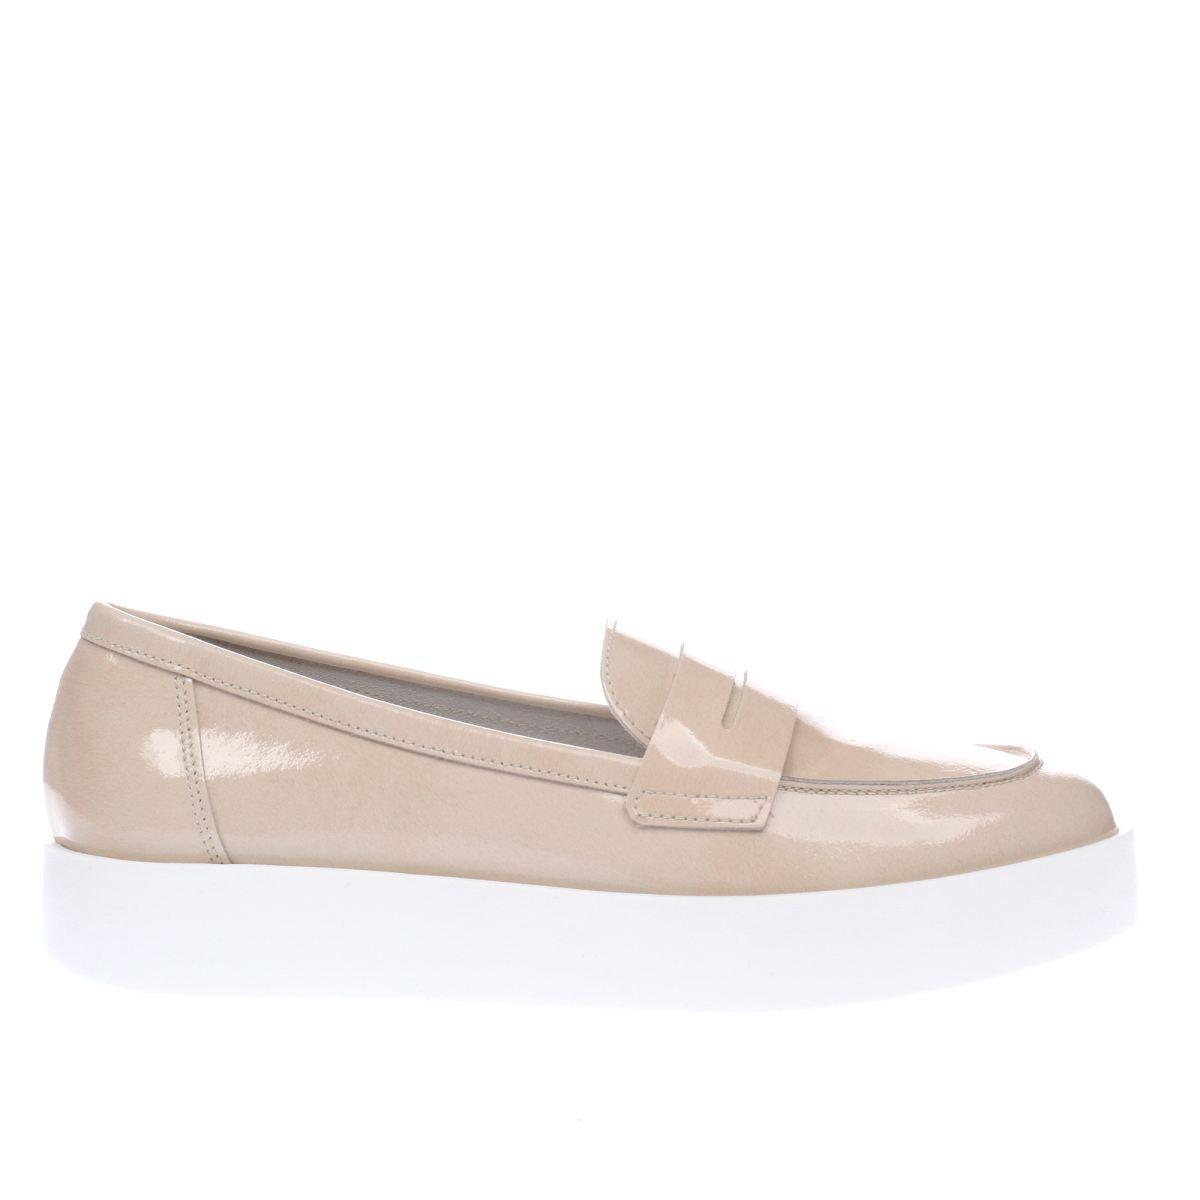 schuh natural circuit flat shoes